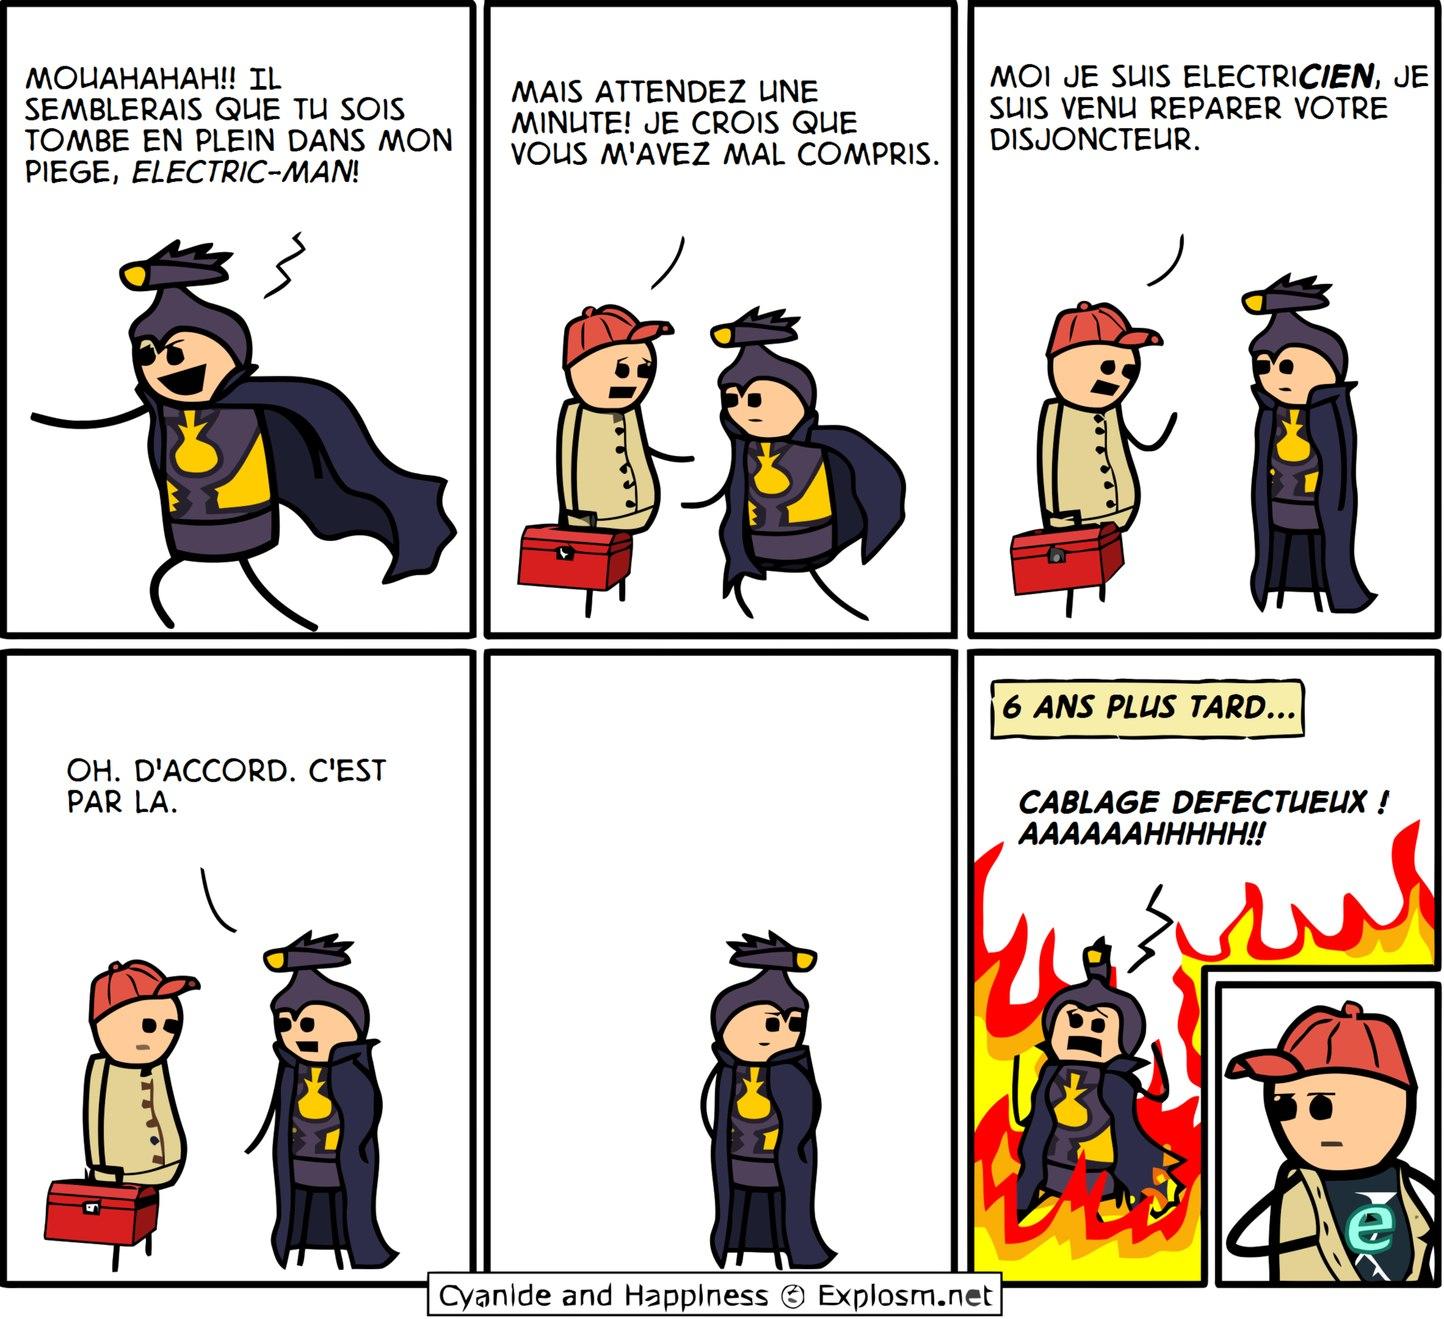 Cyanure et Bonheur #31 - meme